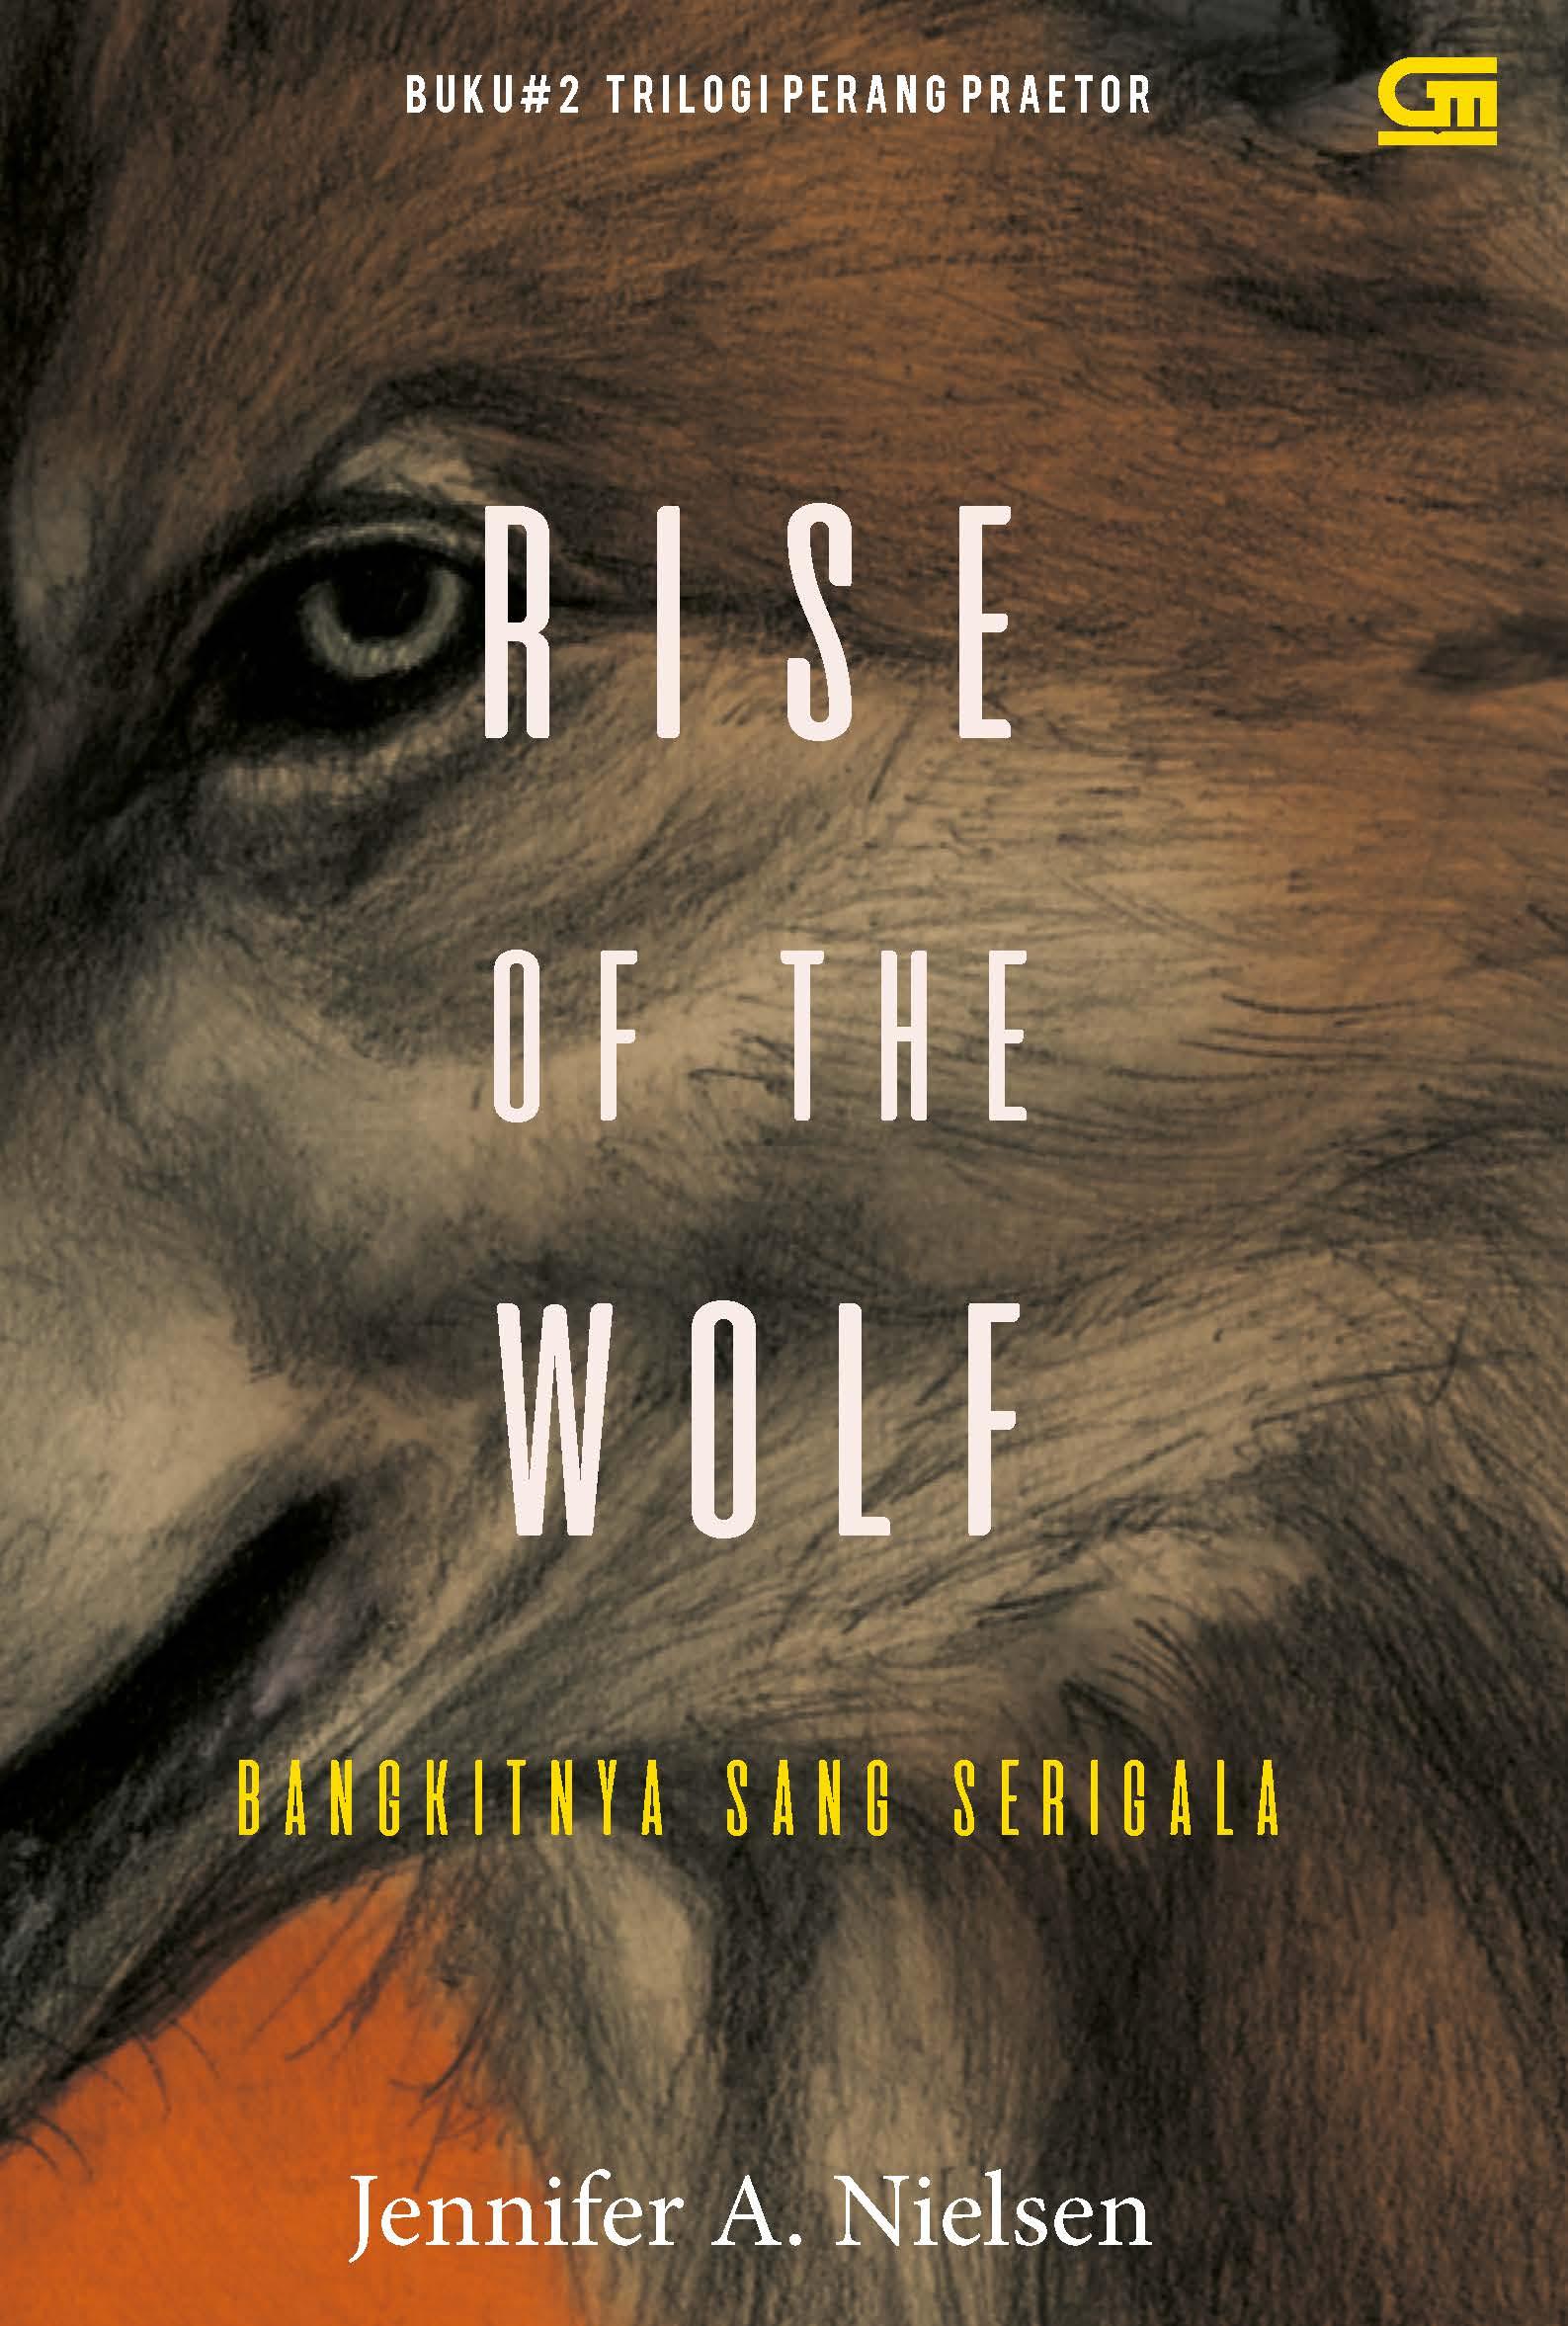 Bangkitnya Sang Serigala (Rise of the Wolf)